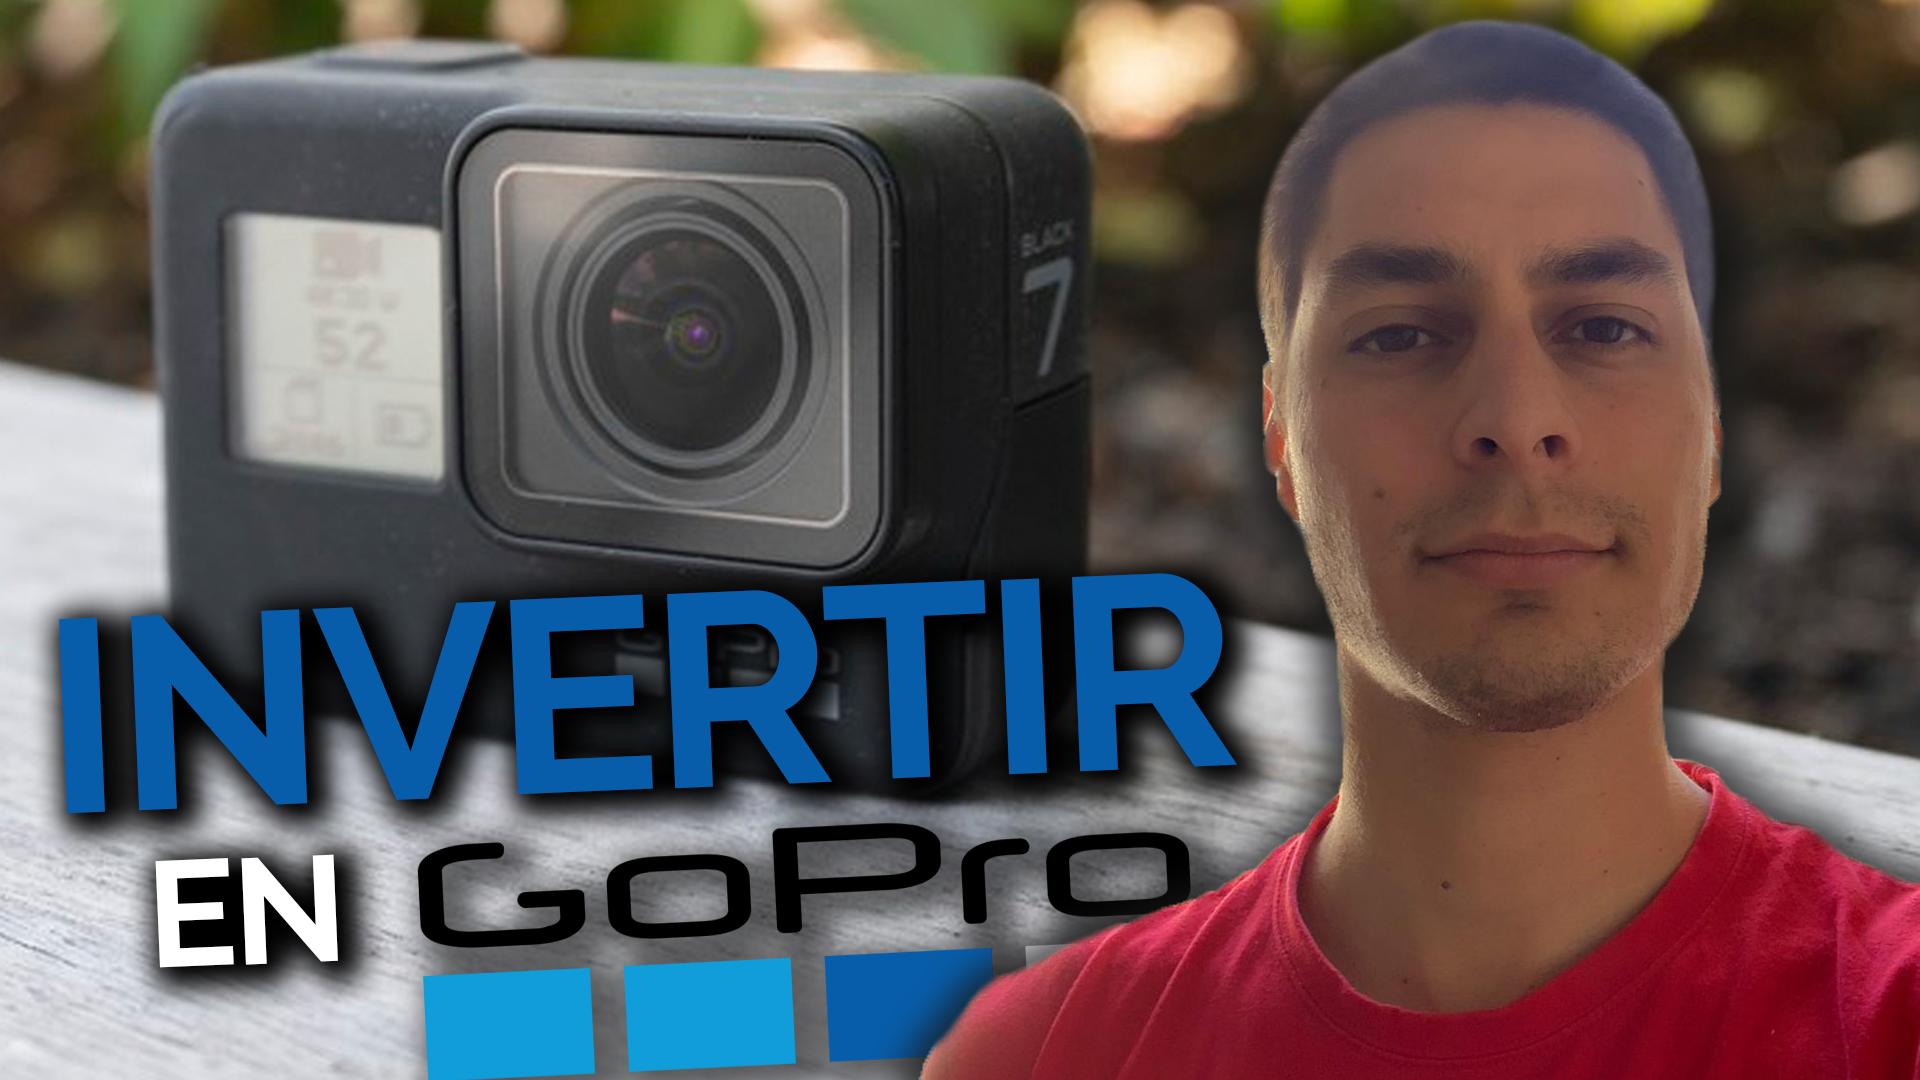 Gano Dinero Invirtiendo En GoPro || Case Study GPRO